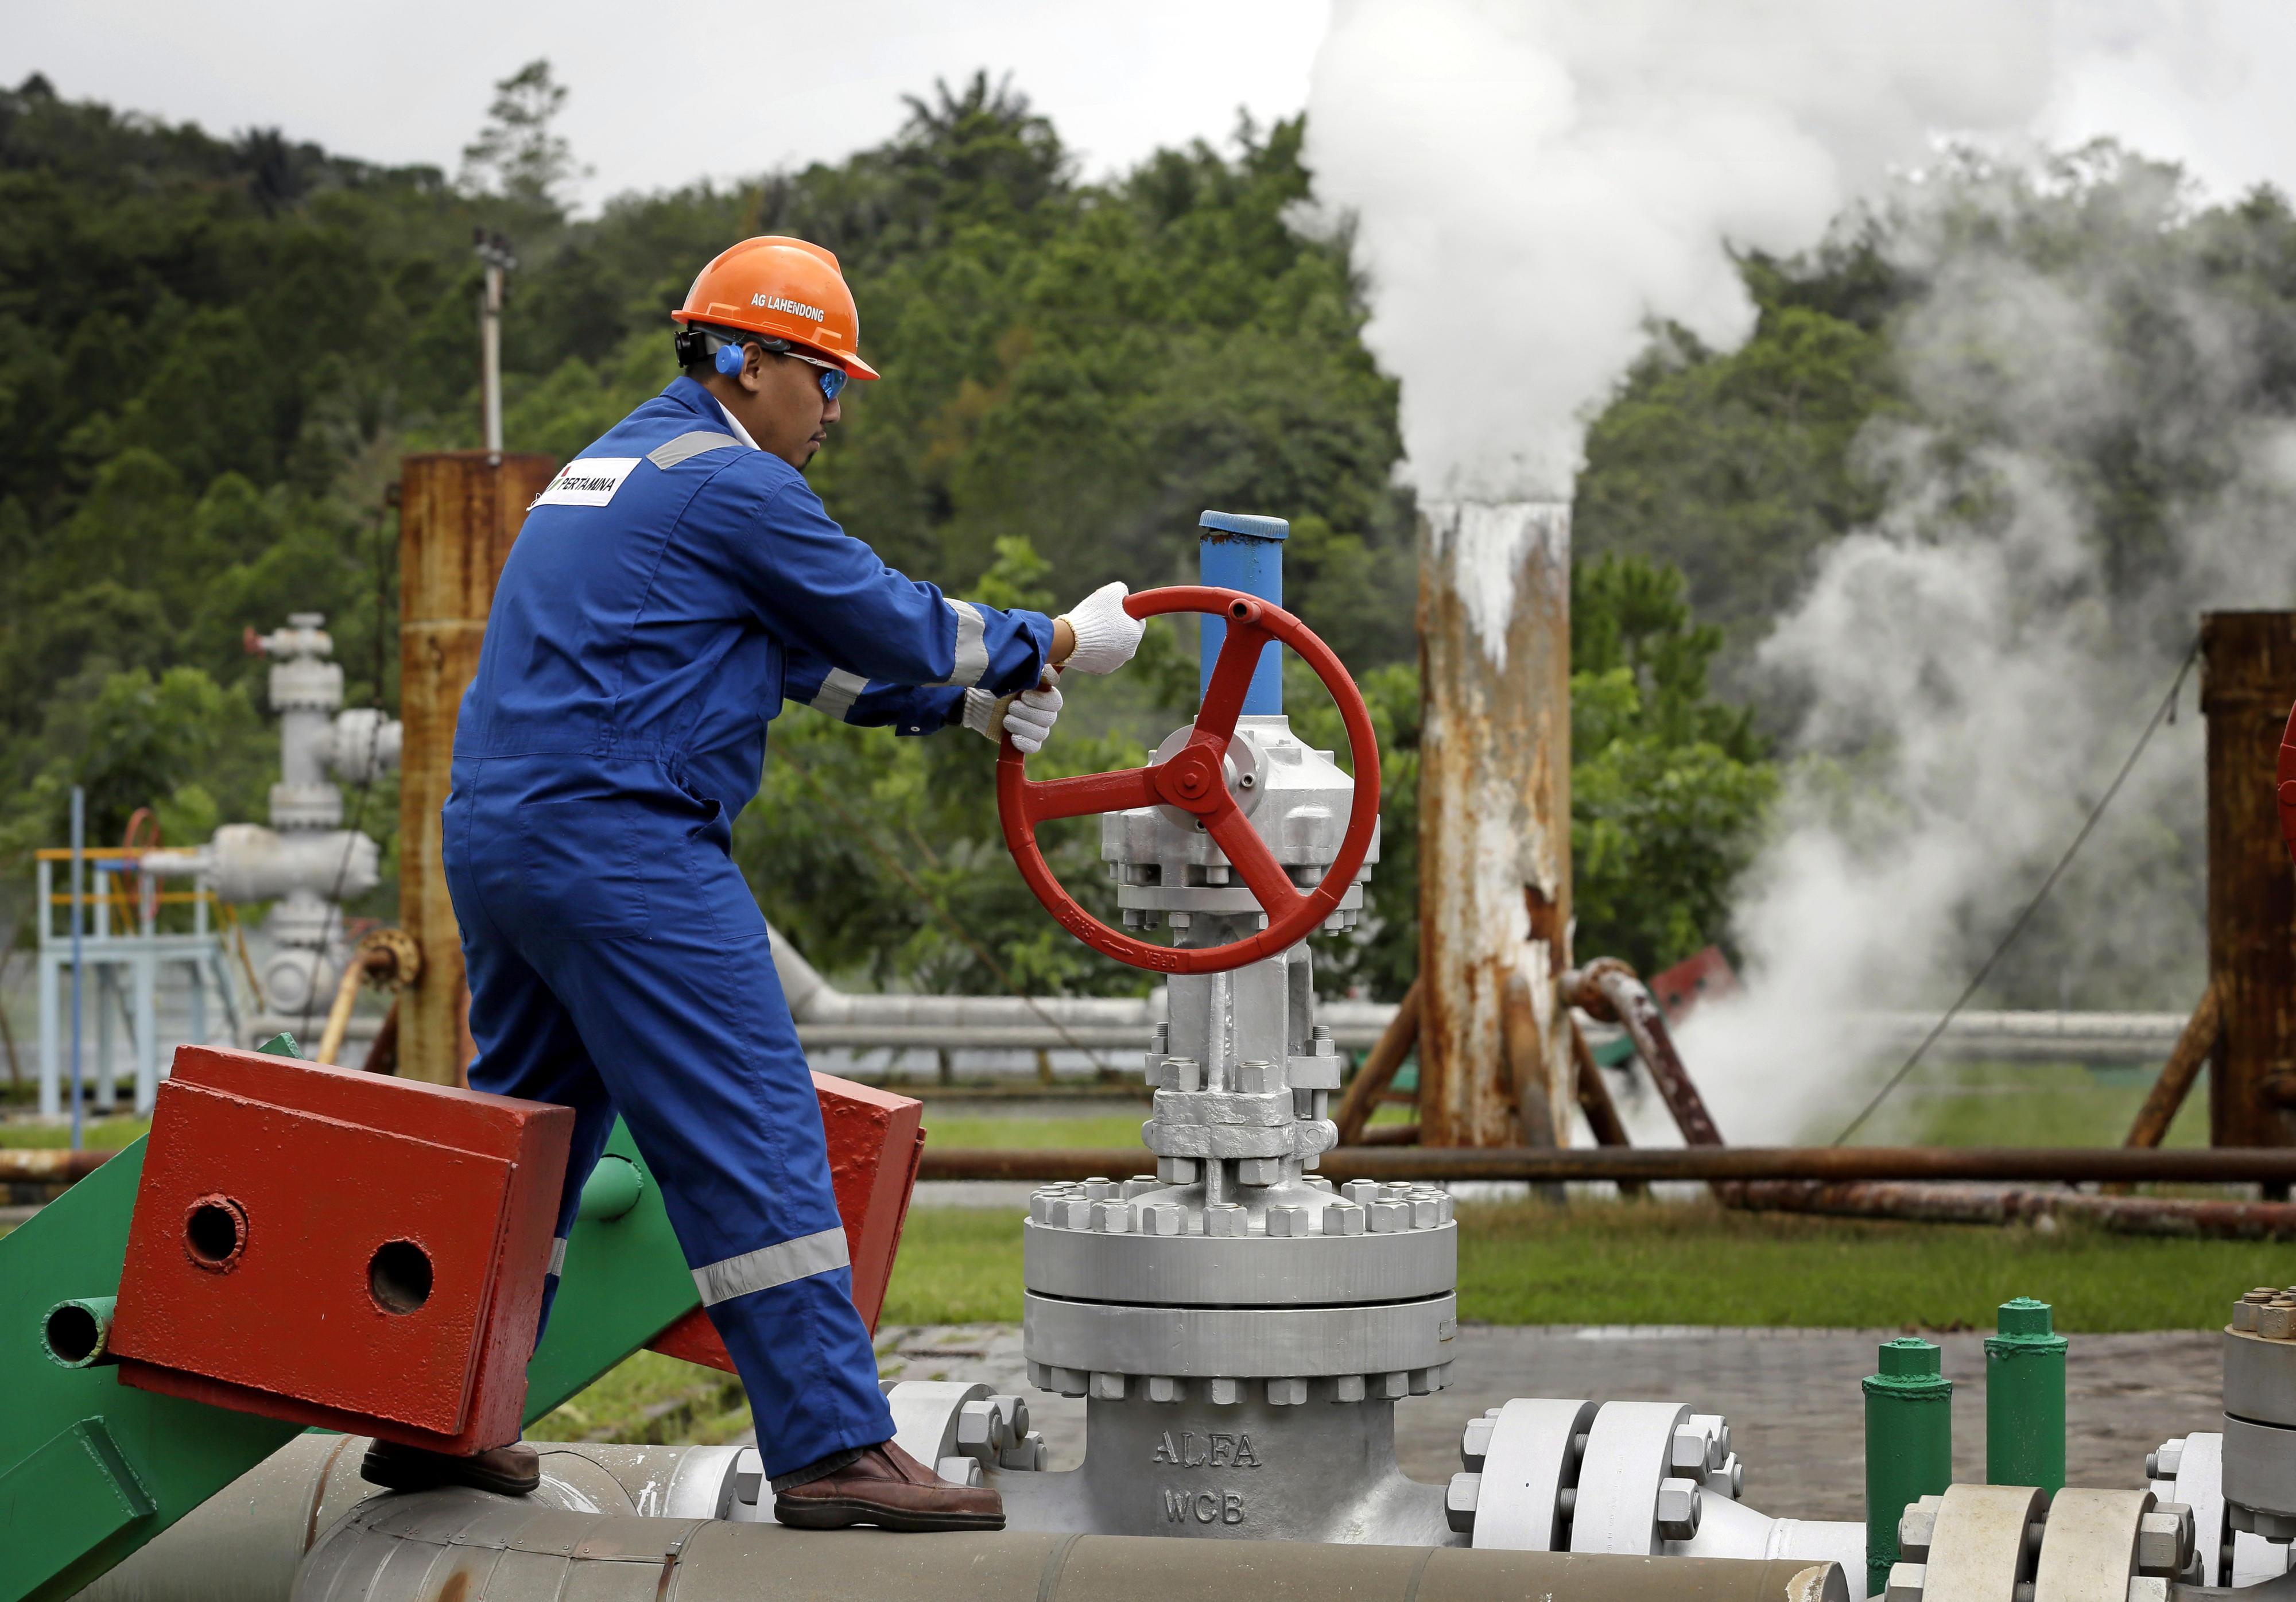 Ein Arbeiter am Geothermiestandort Lahendong auf der Insel Sulawesi, Indonesien. Der hier produzierte heiße Wasserdampf wird in einem nahegelegenen Kraftwerk zur Stromerzeugung genutzt.